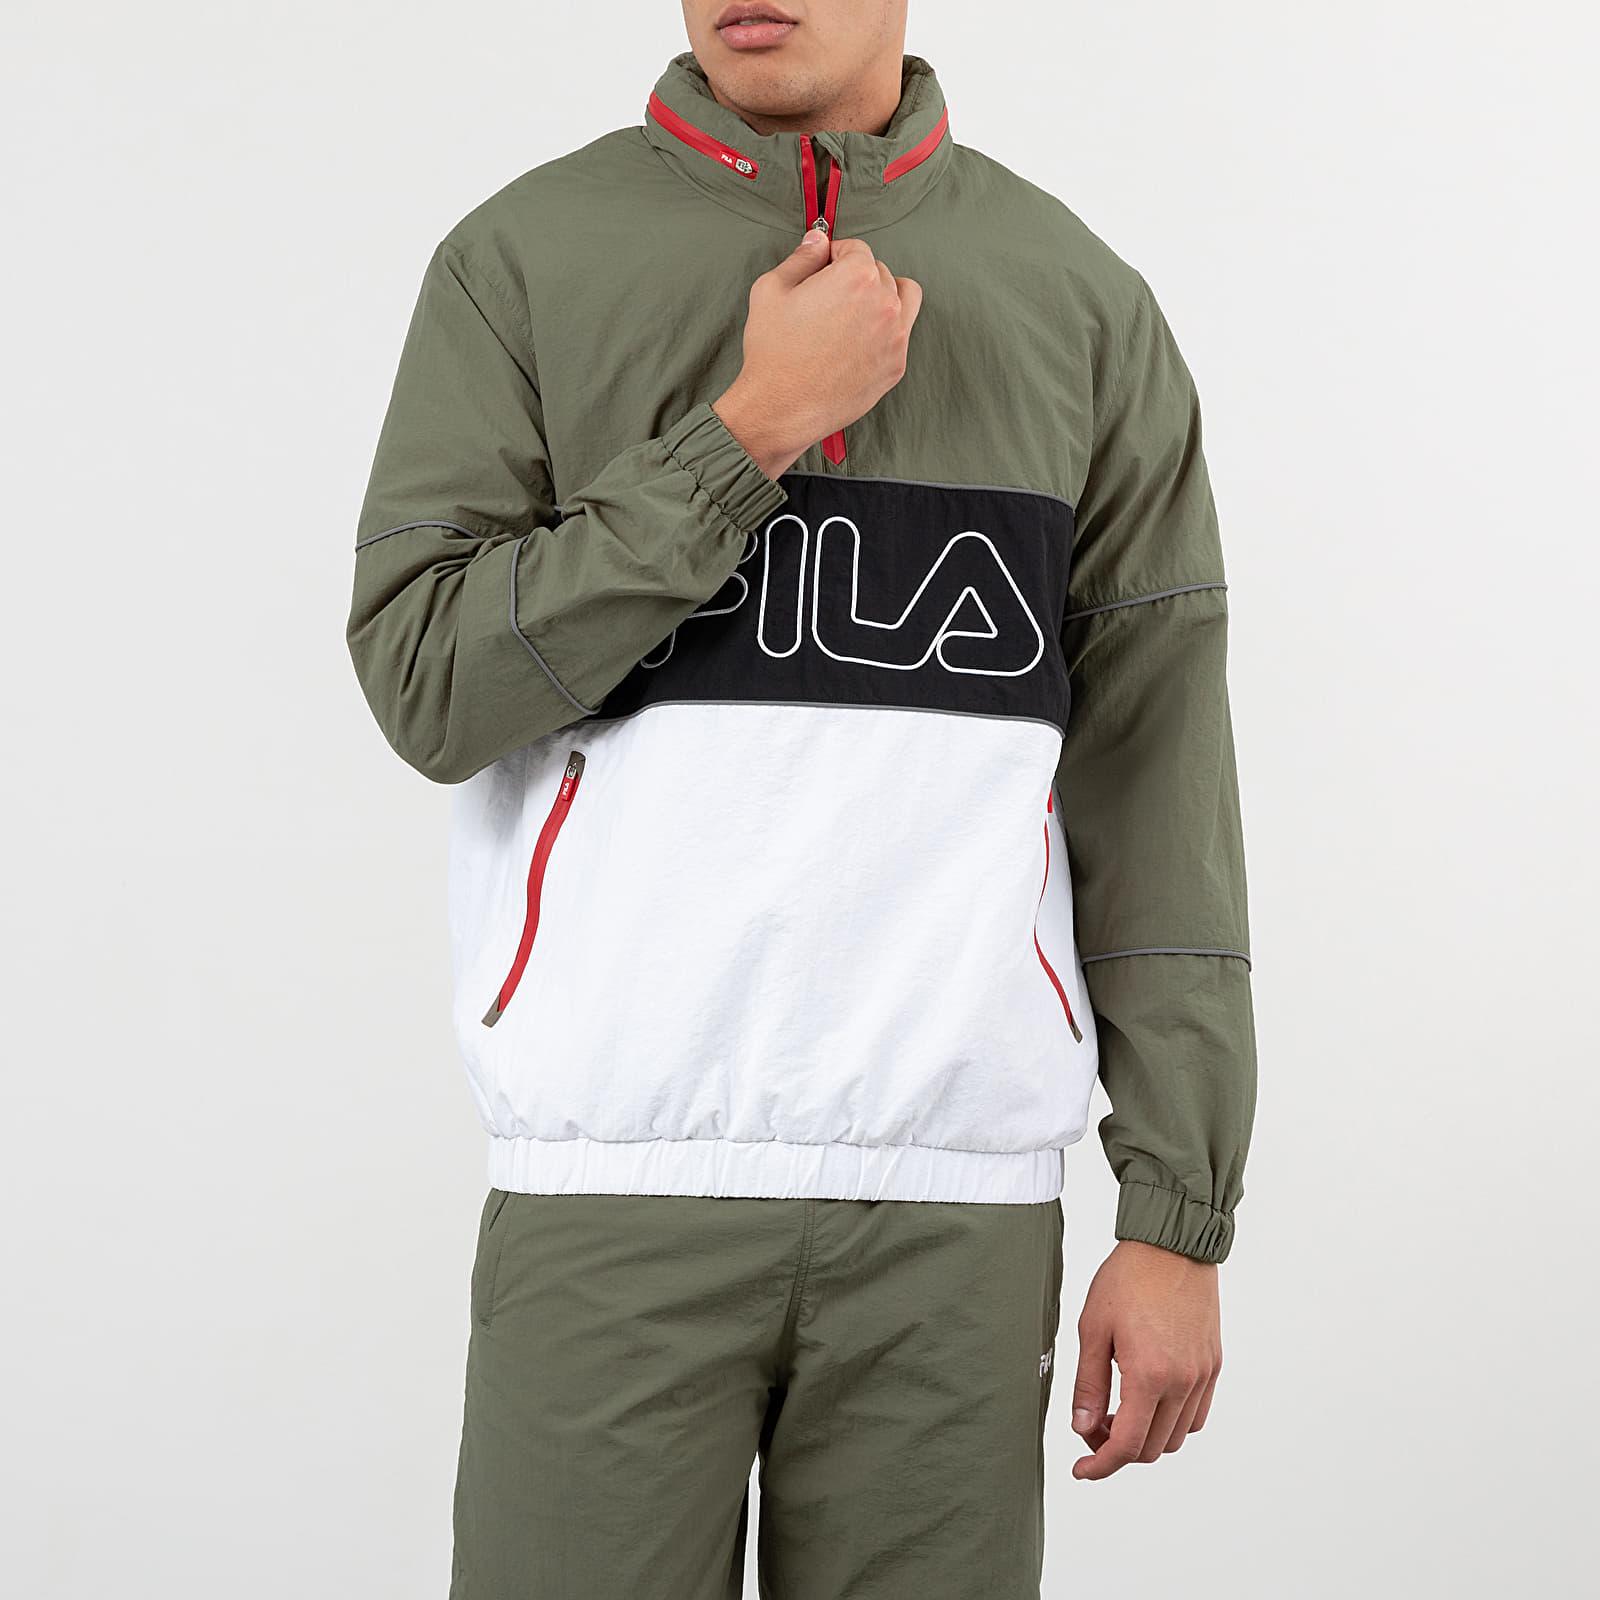 Coach Jackets FILA Windbreaker Jacket Green